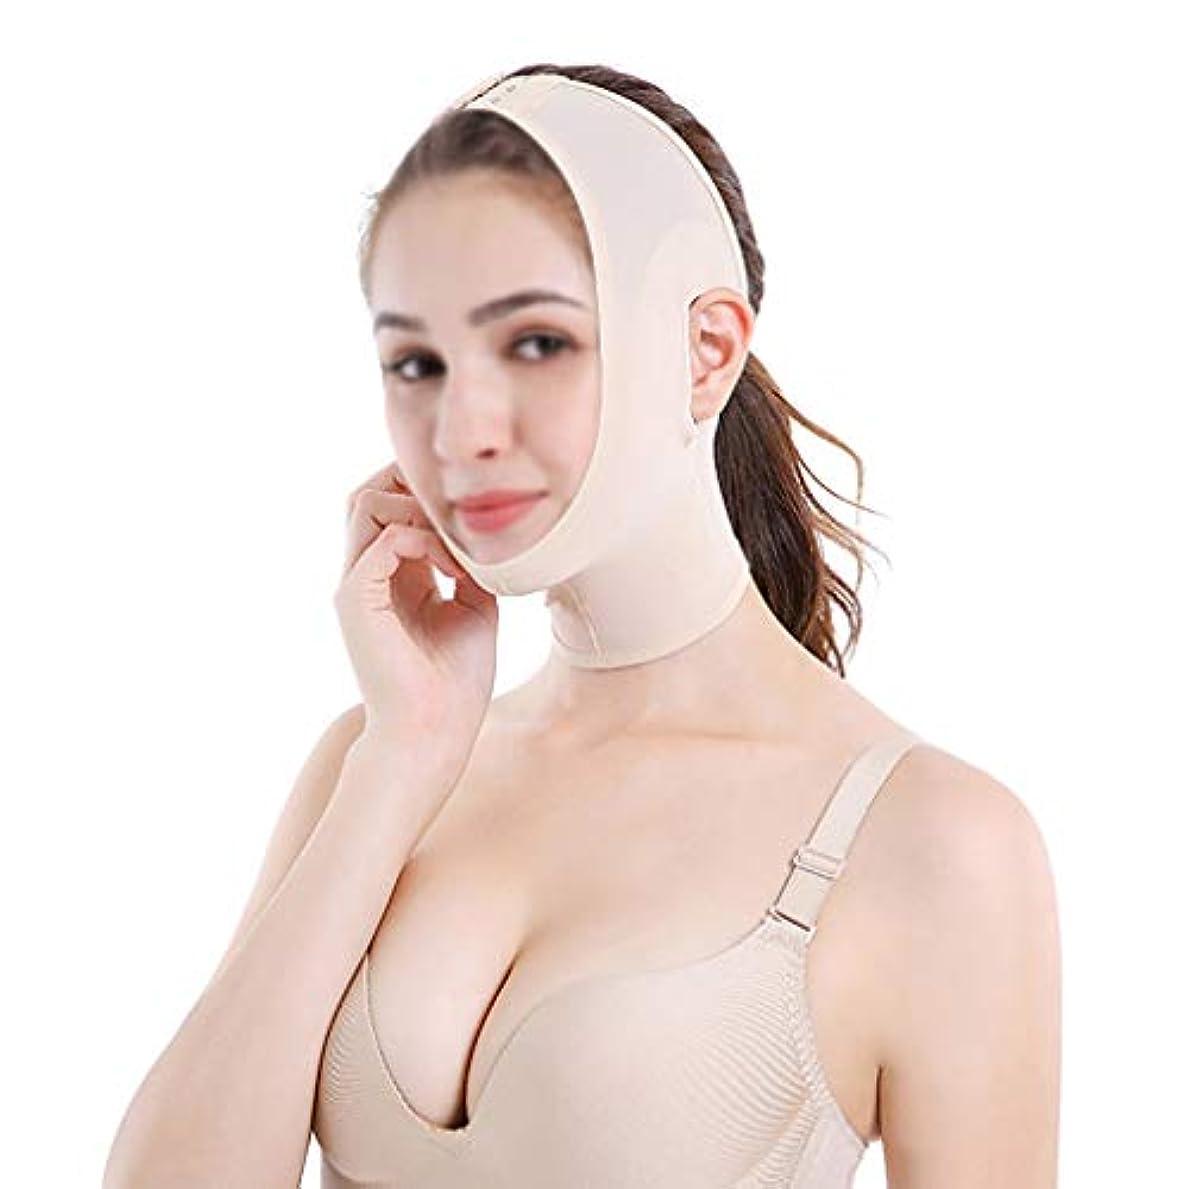 声を出して文明スペイン語GLJJQMY ベルト痩身ベルト薄い顔の包帯の小さいV顔の顔の薄い顔のアーティファクトの薄い顔の固定マスク 顔用整形マスク (Size : L)